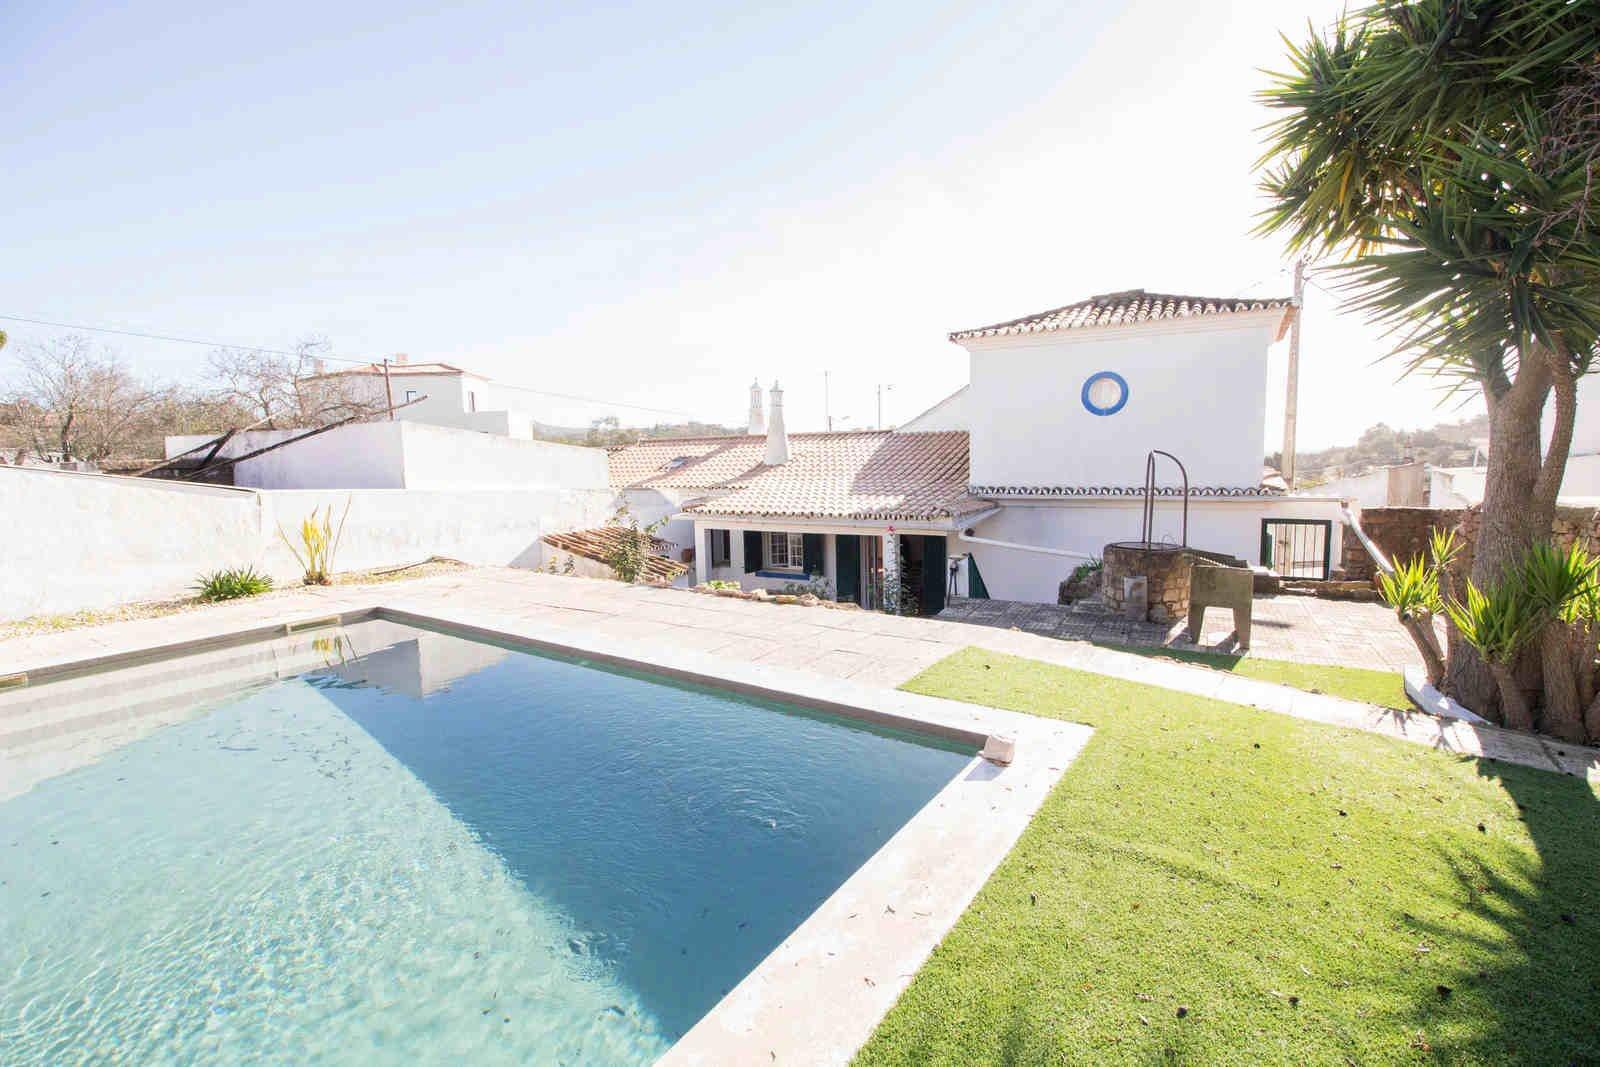 3 Bedroom Villa Boliqueime, Central Algarve Ref: PV3537